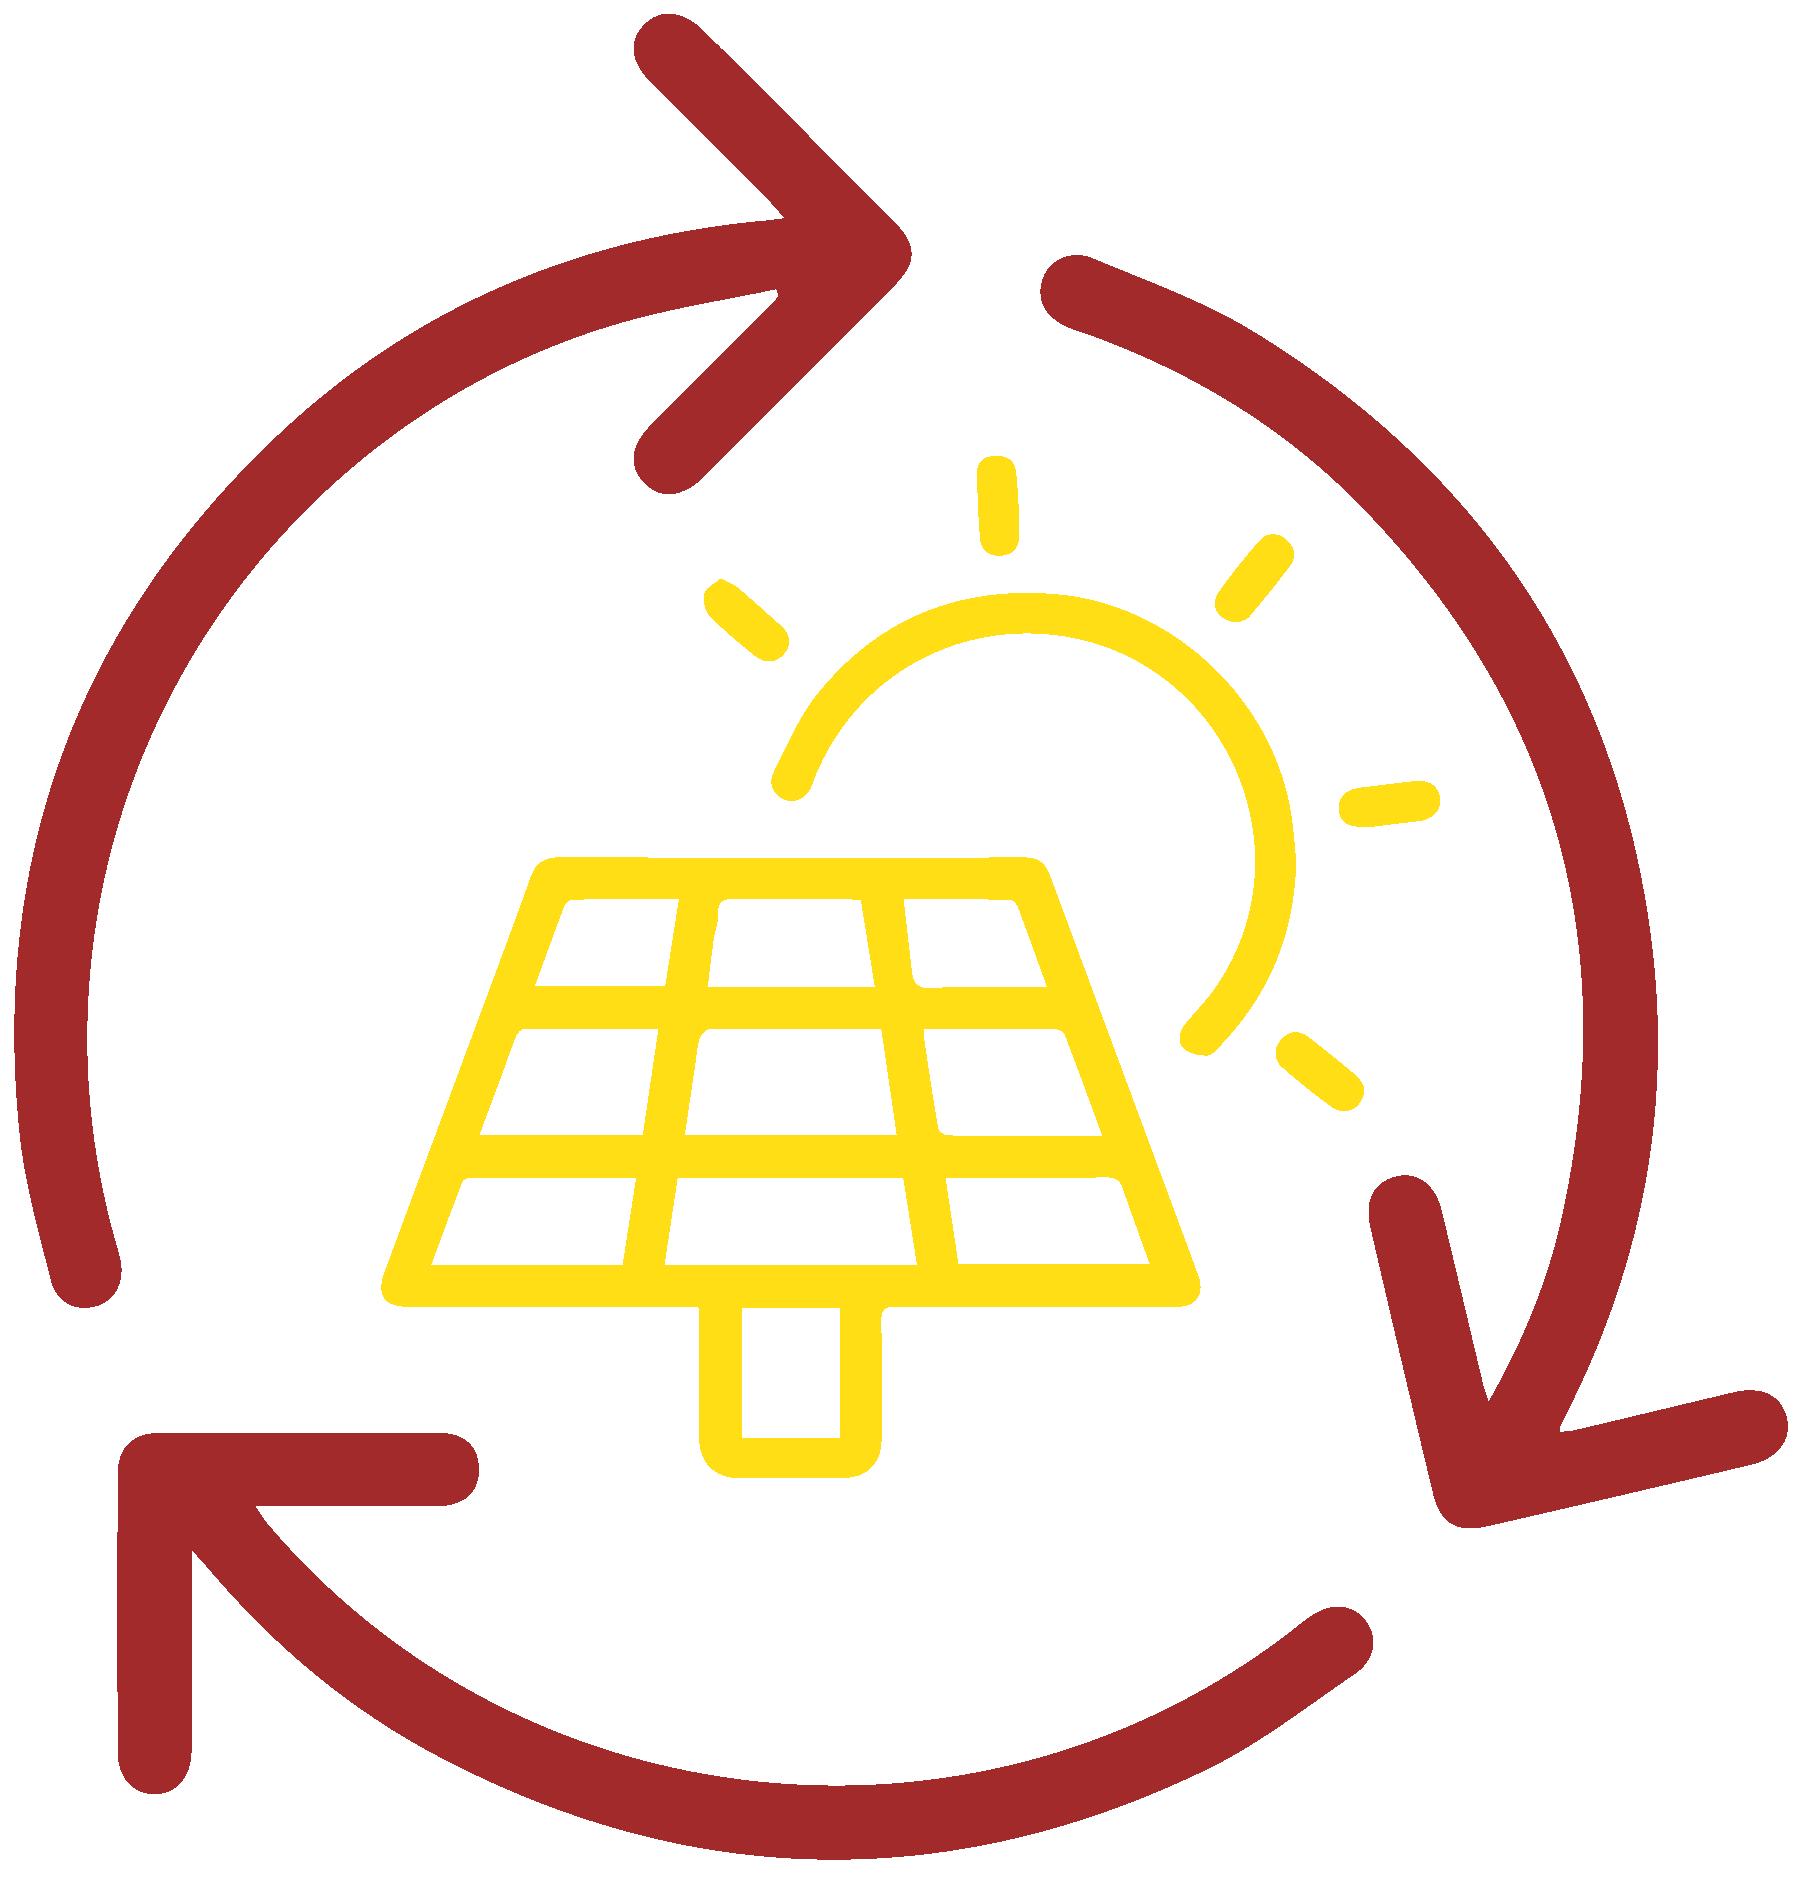 Sistema de produção de energia através dos painéis fotovoltaicos